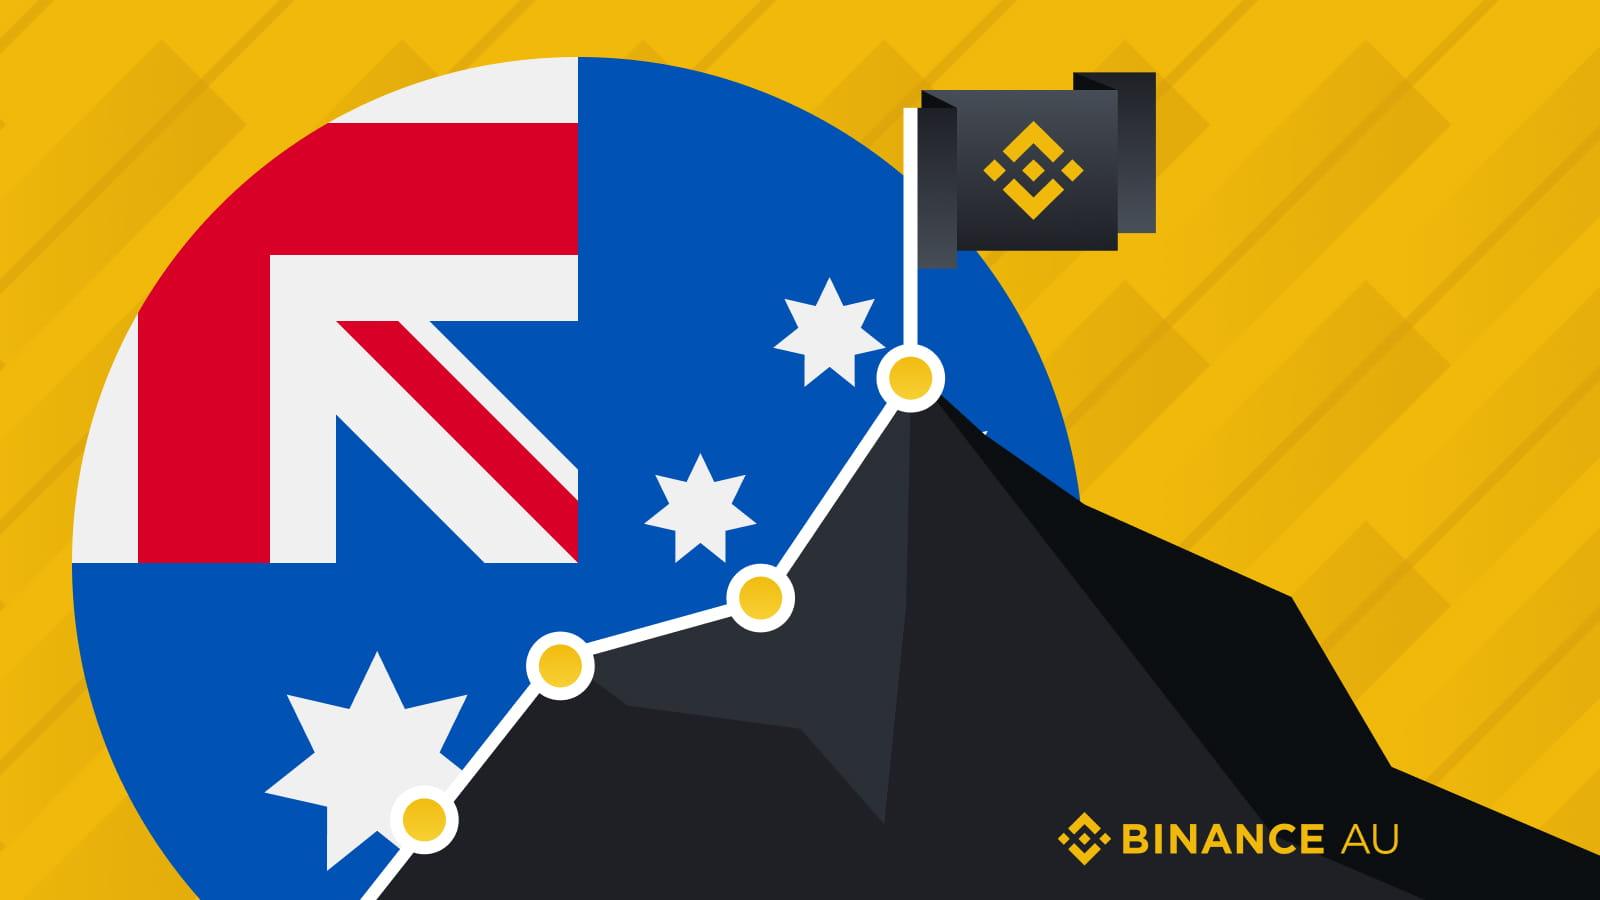 Binance ngừng cung cấp hợp đồng tương lai và một số dịch vụ khác tại thị trường Úc